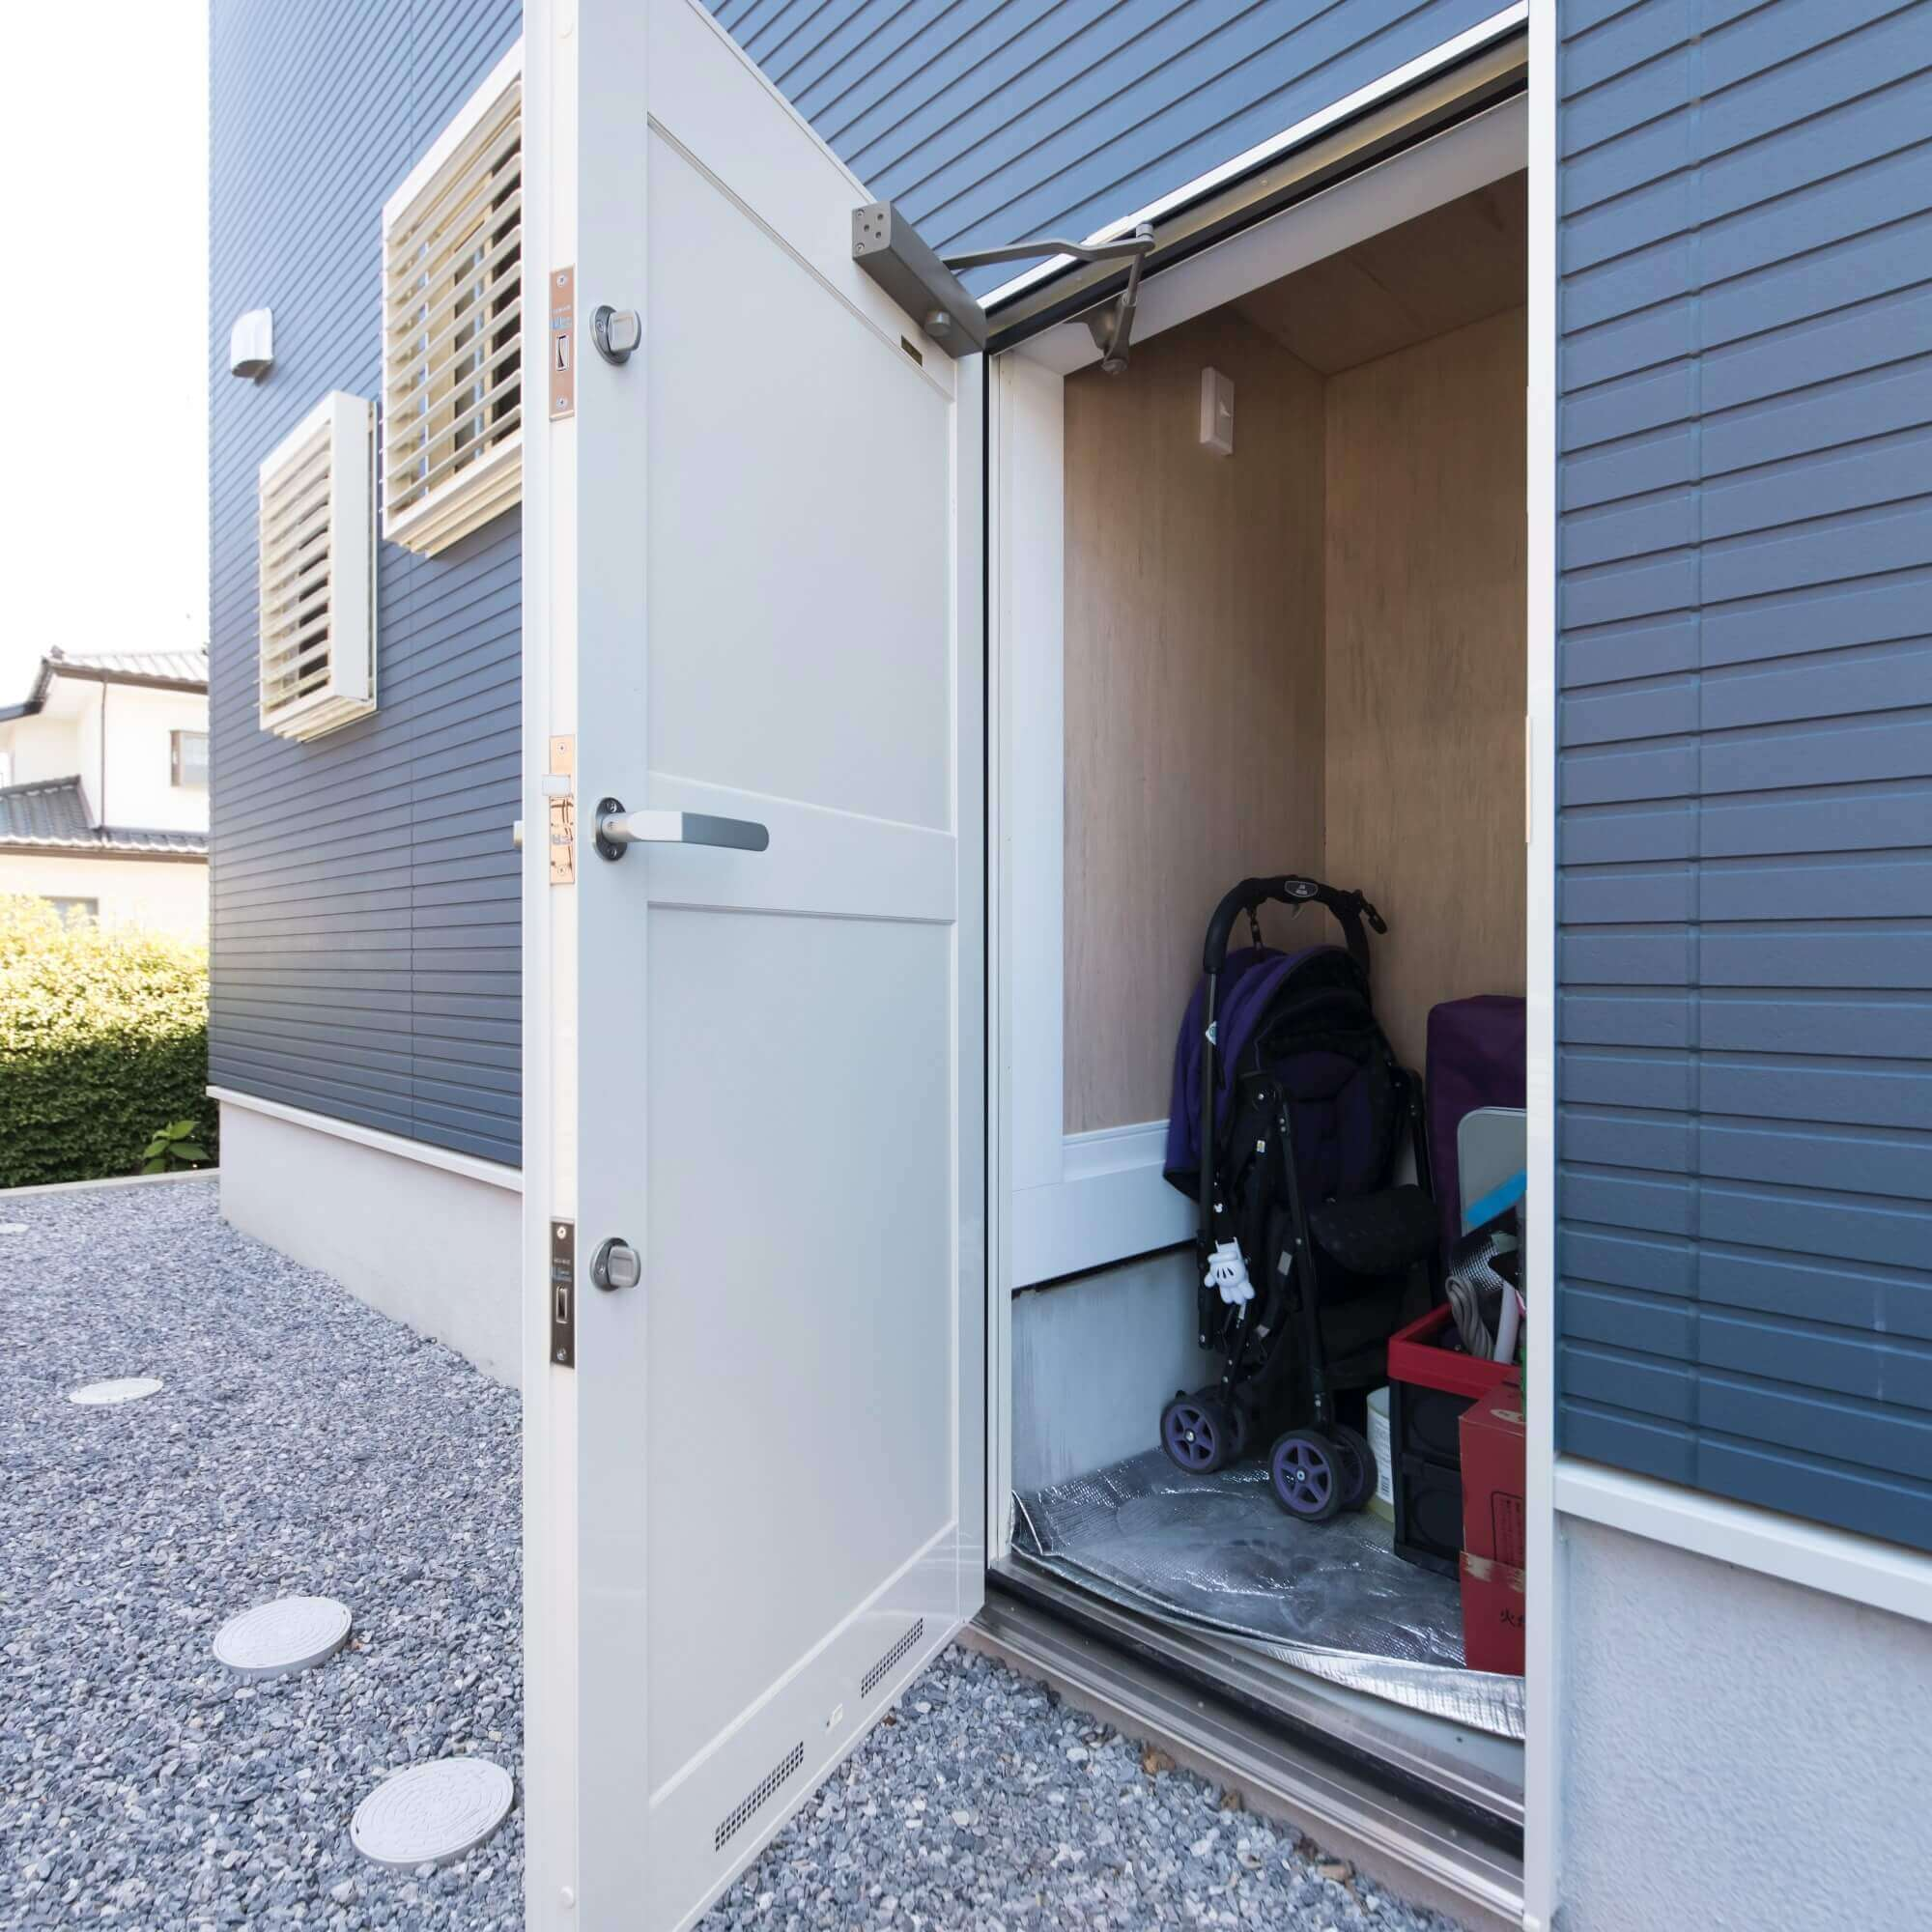 鹿沼市の注文住宅事例 階段下収納